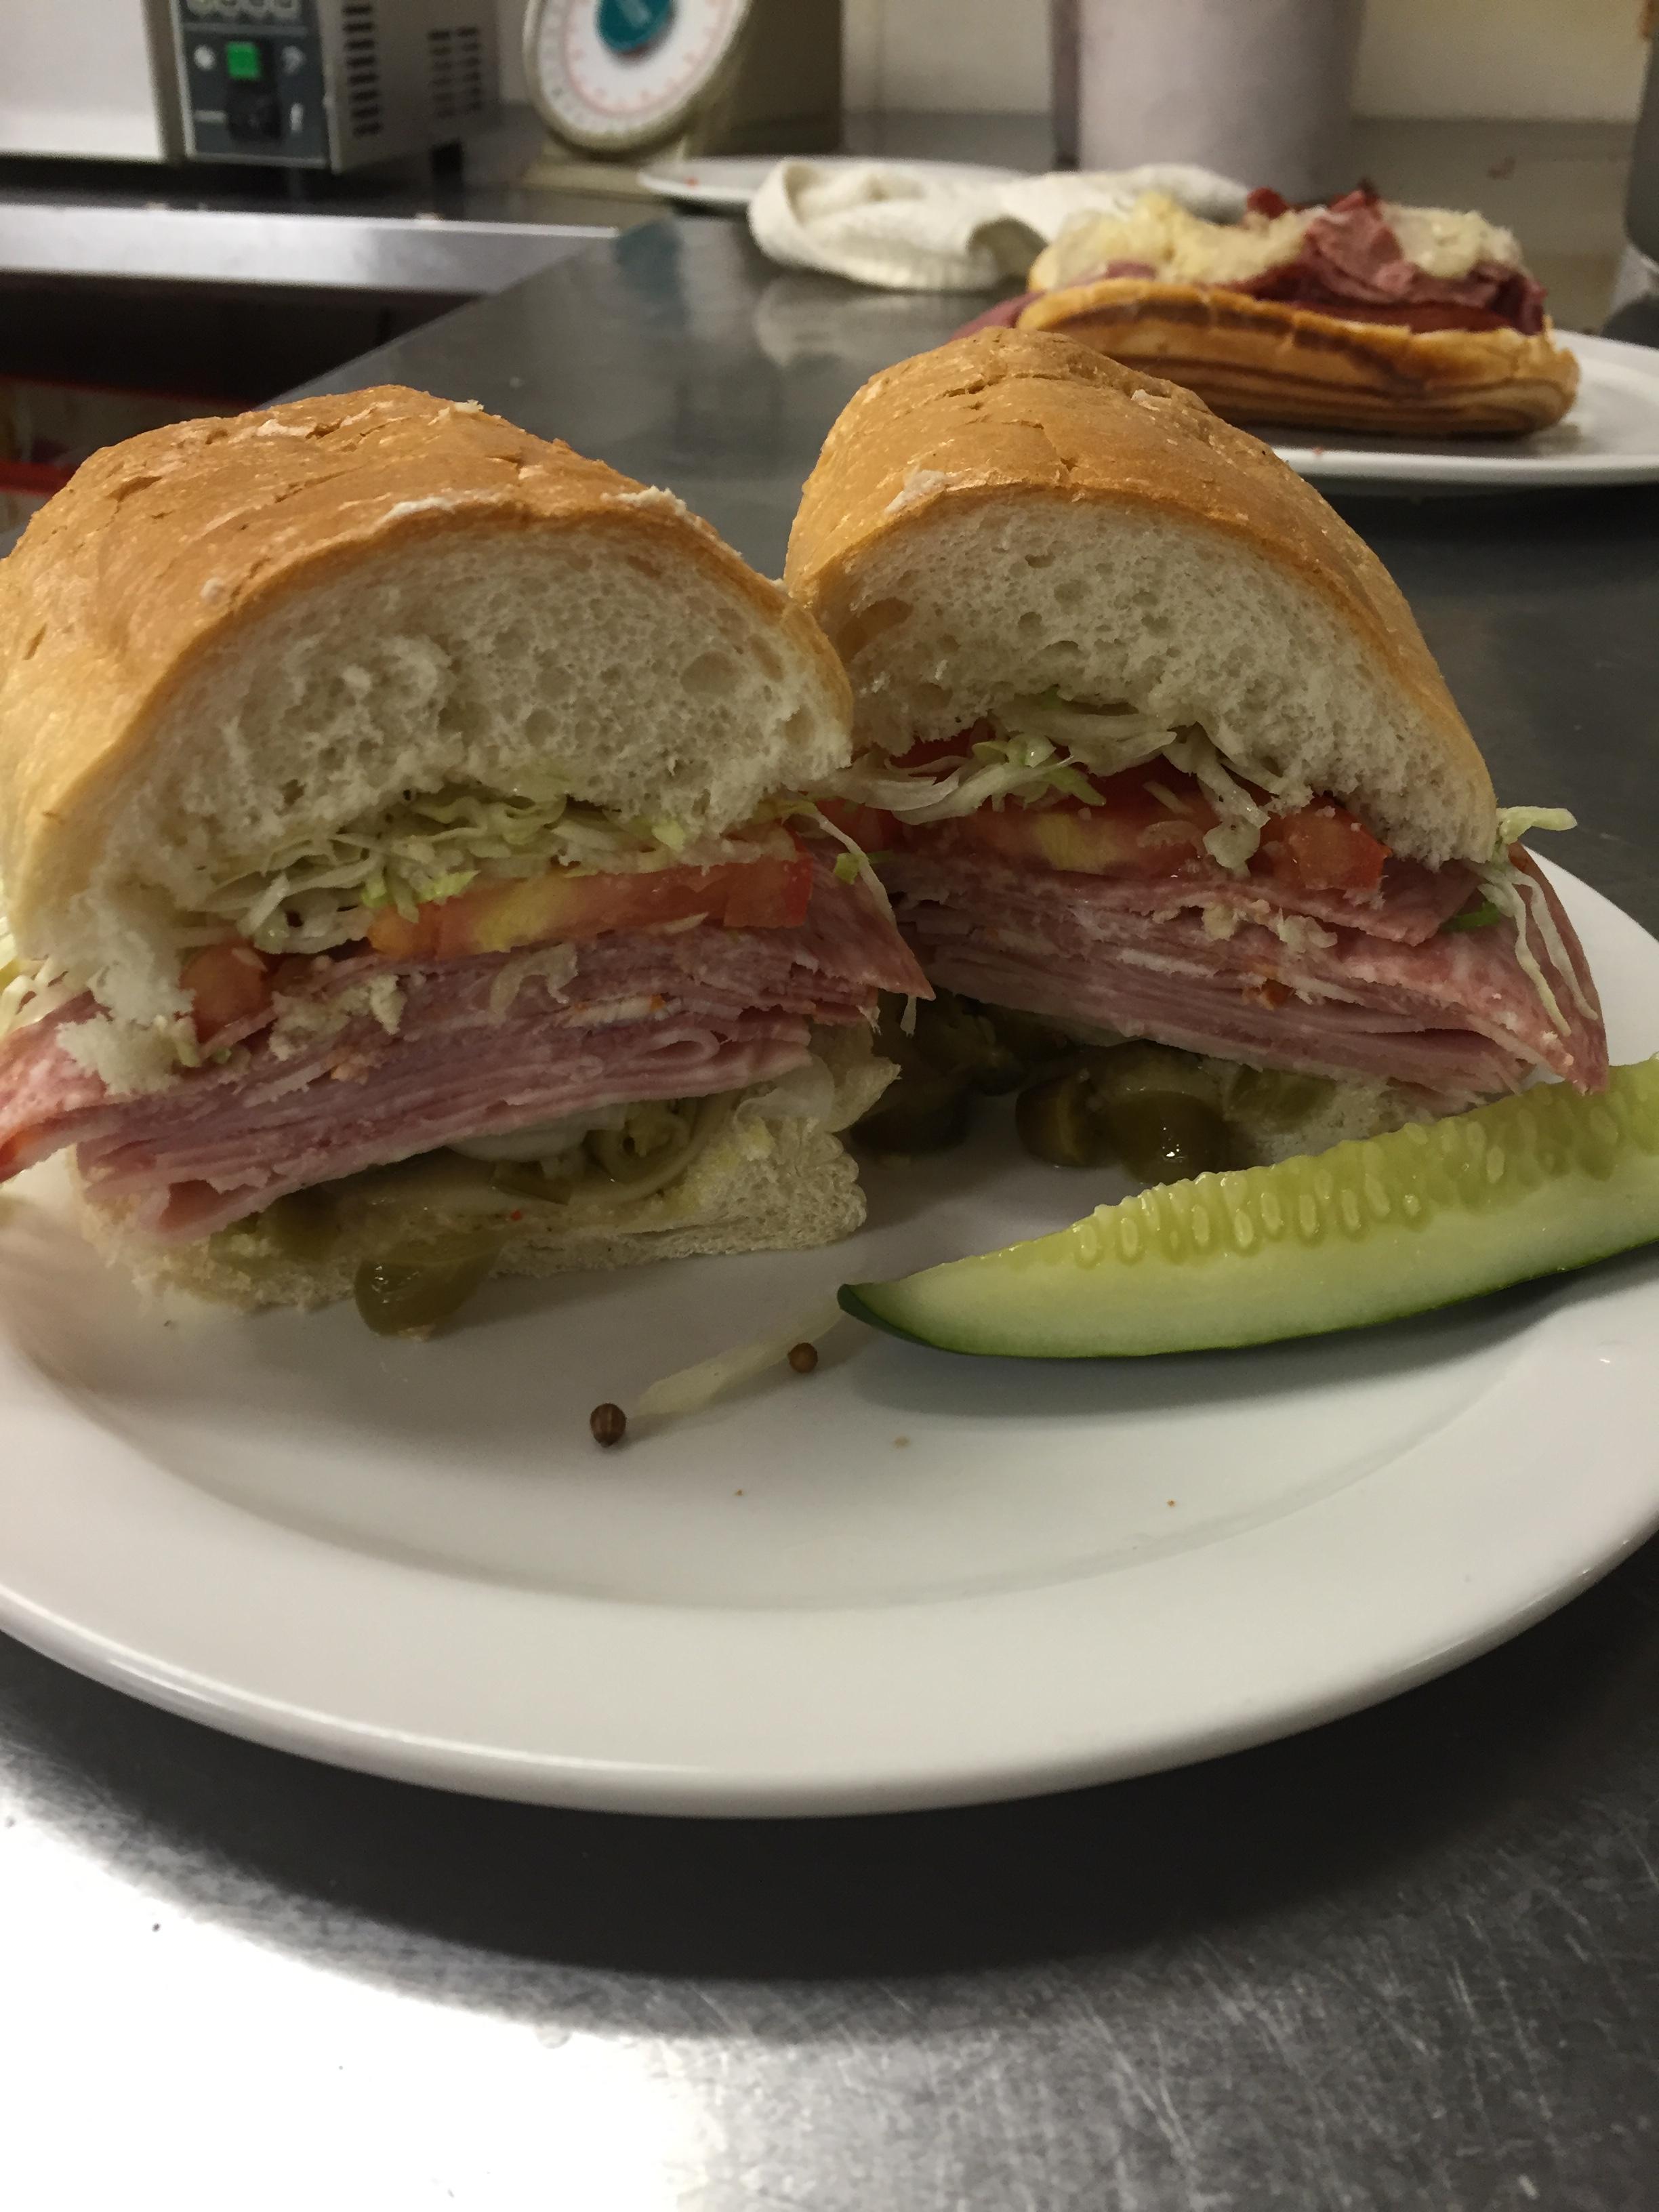 #14 Italian Bronx Sub